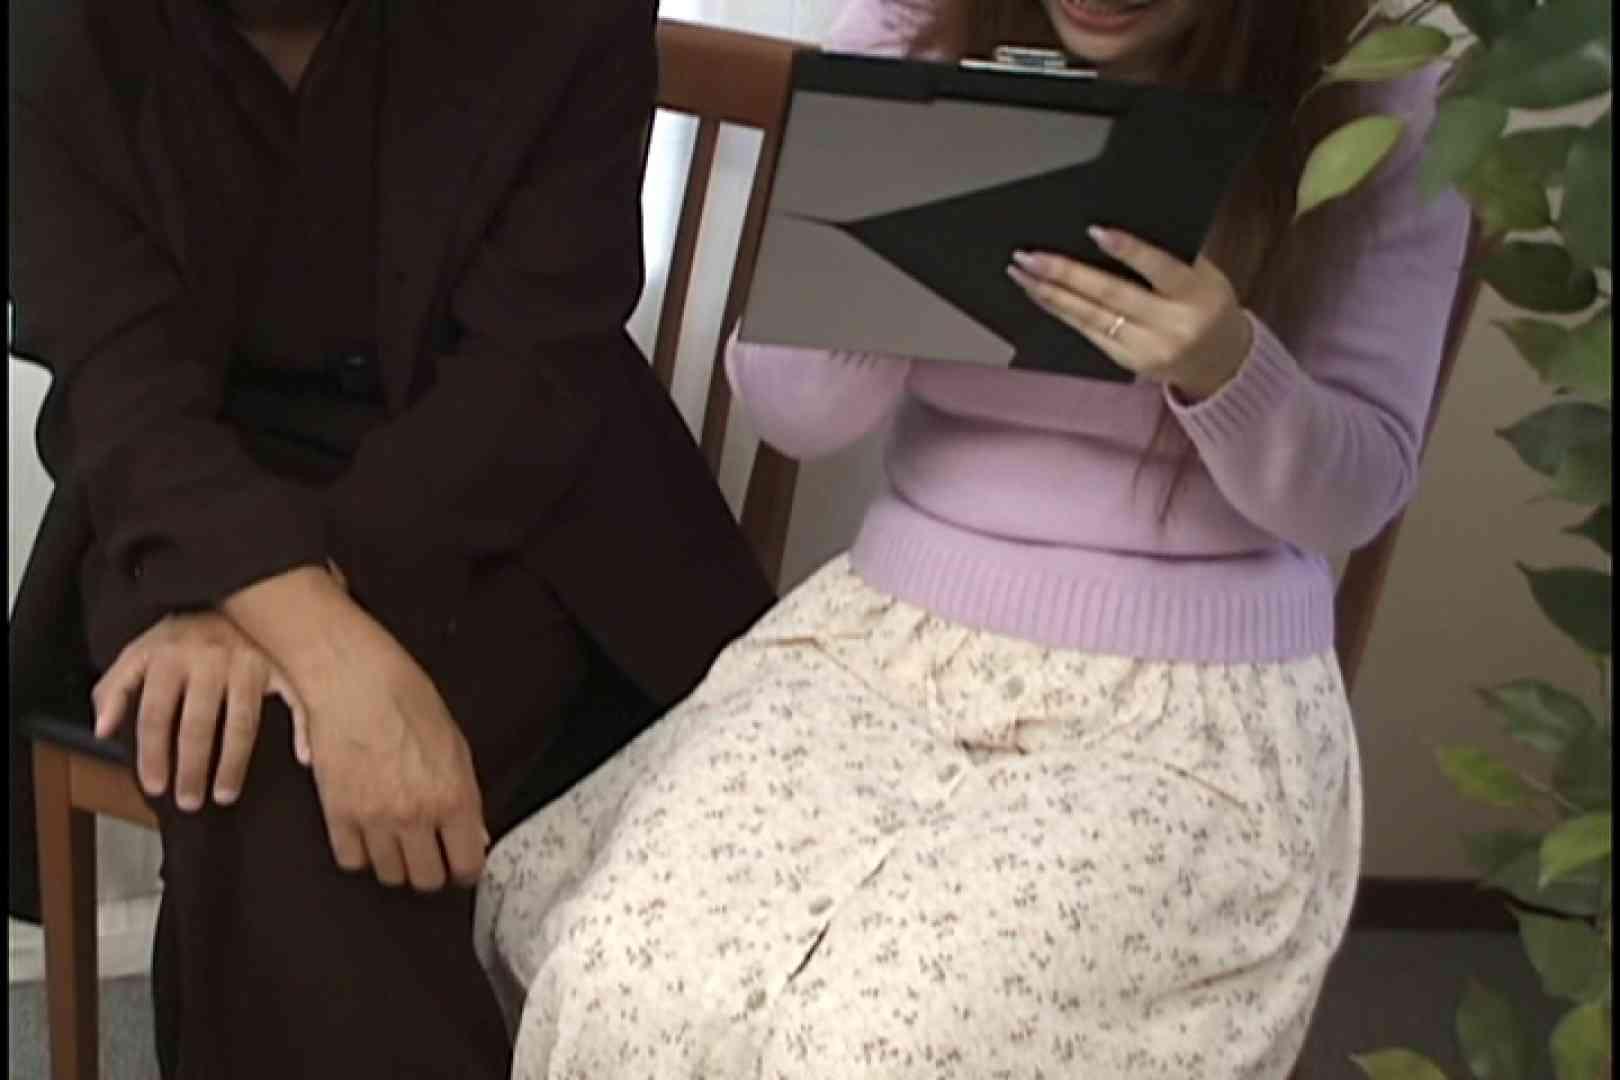 昼間の奥様は欲求不満 ~青井祐子~ SEX映像  91pic 39